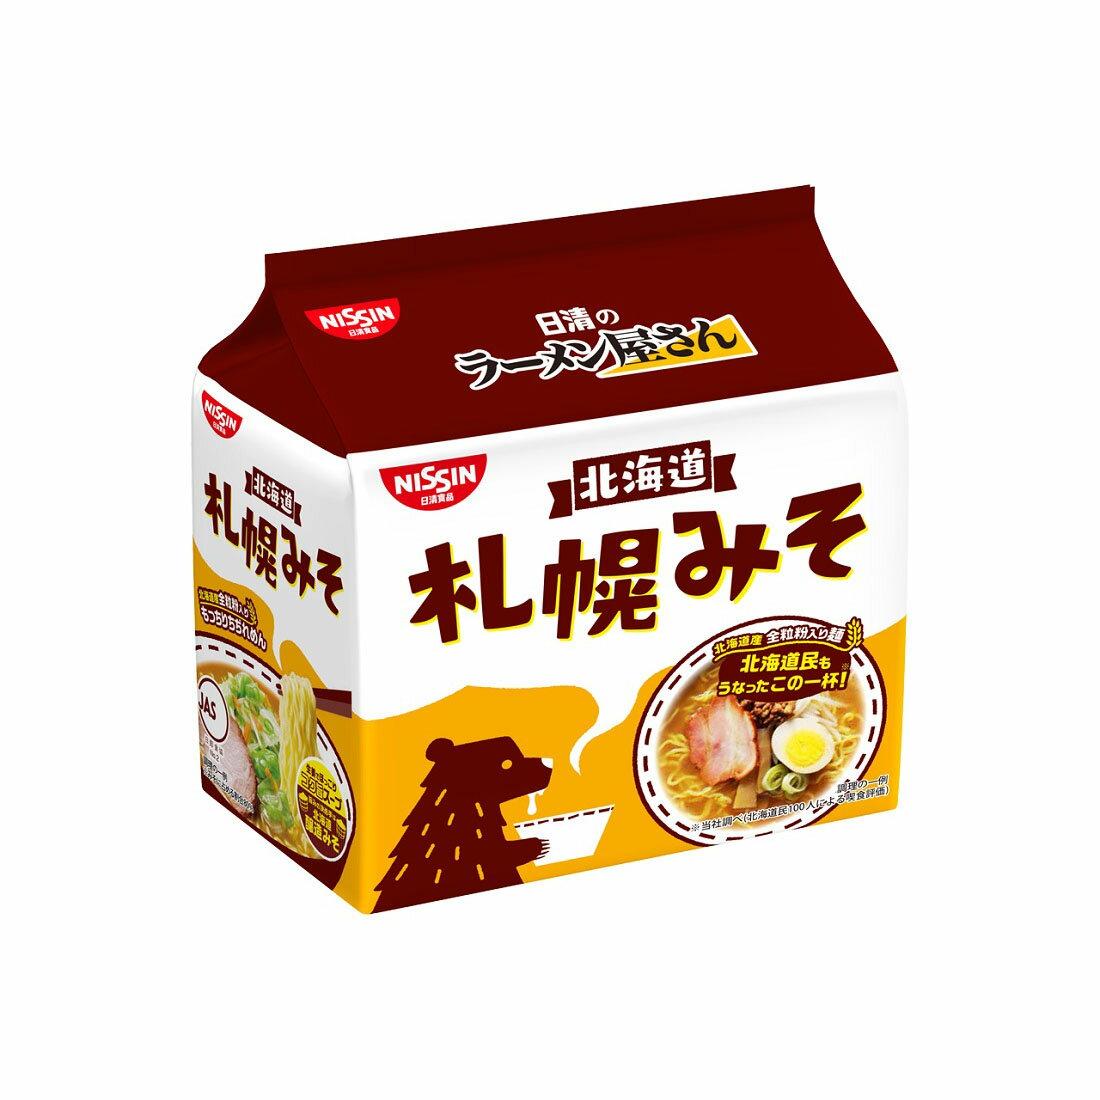 NISSIN- Mì ramen ăn liền vị Miso (89g×5 gói) - Hàng Nhật nội địa